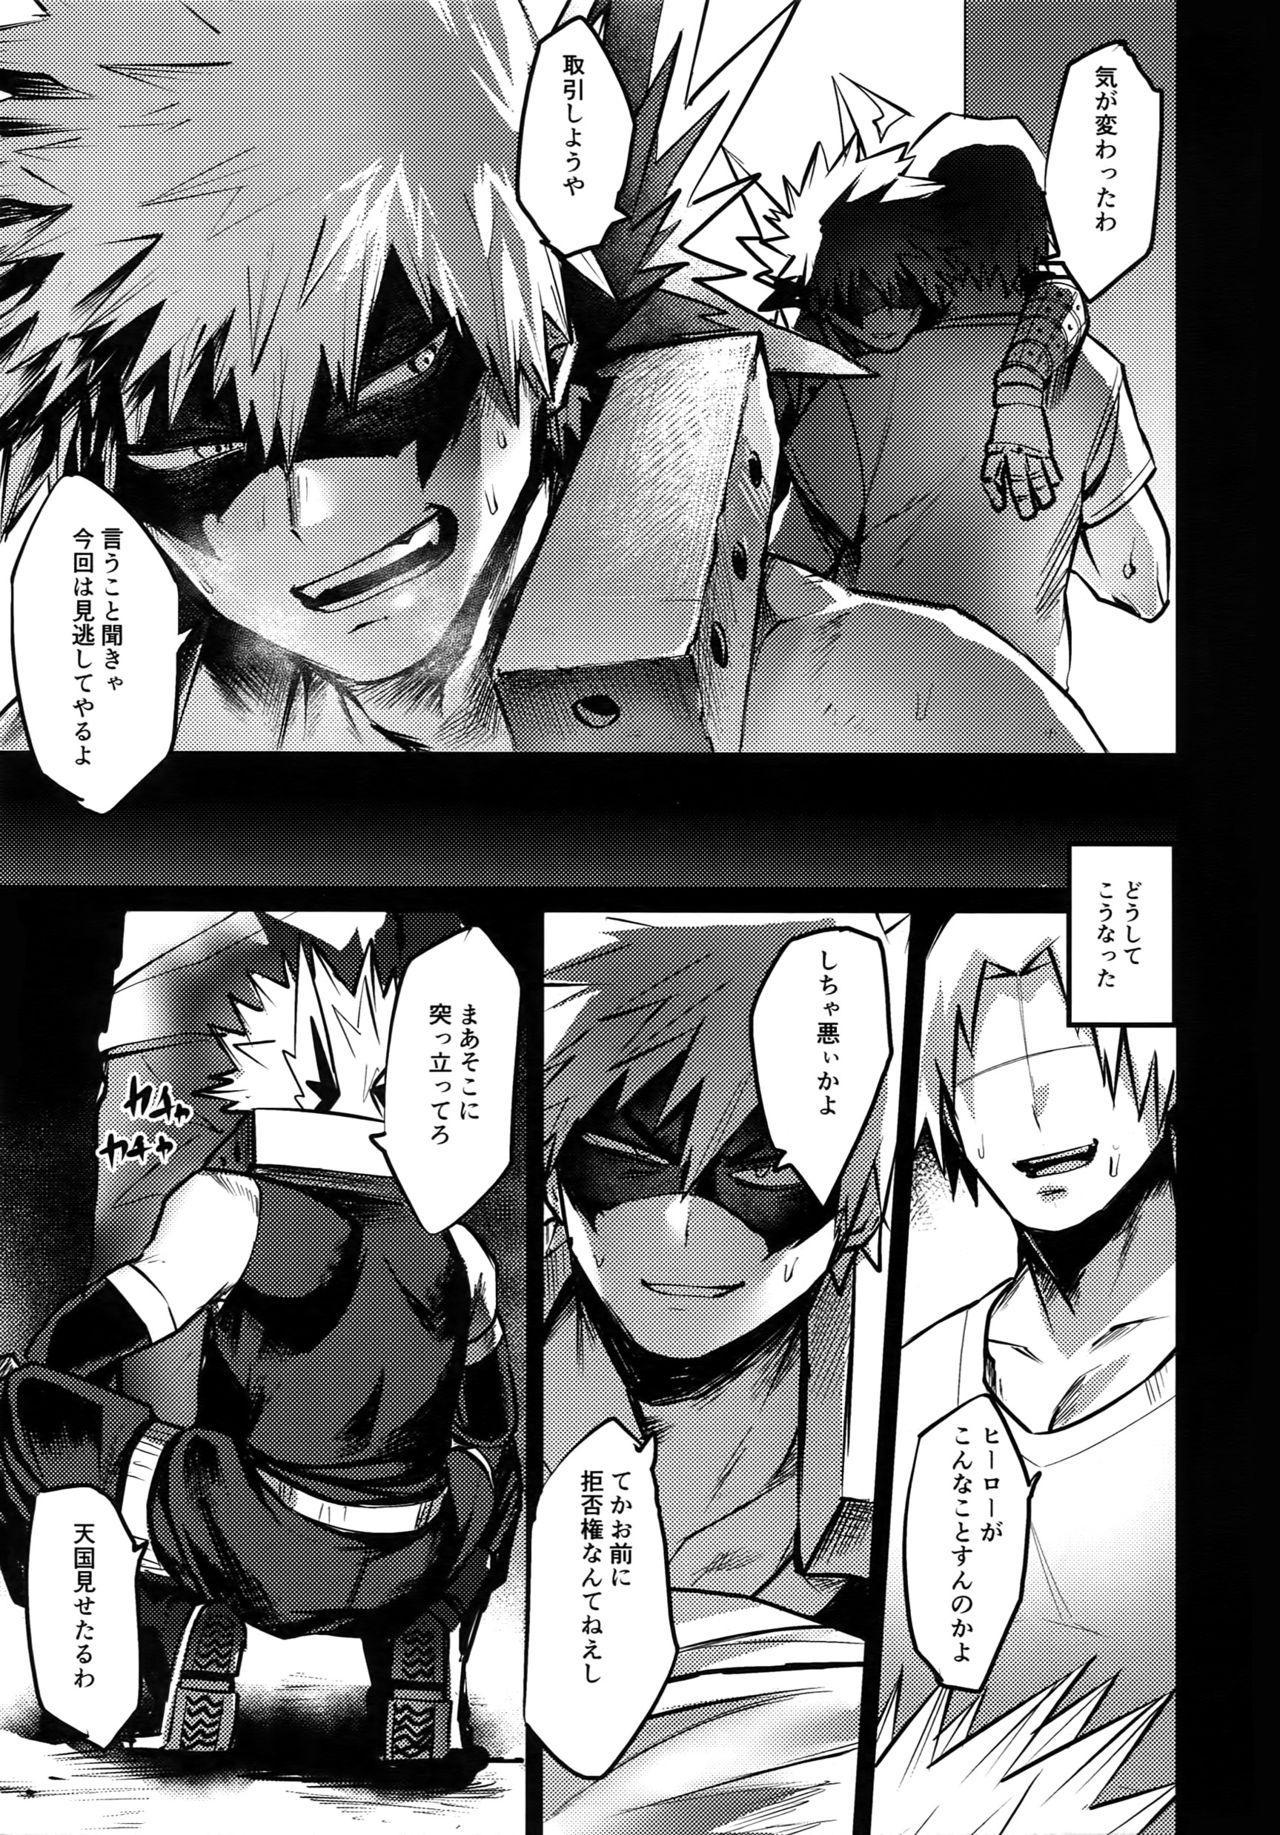 Immoral Hero 5